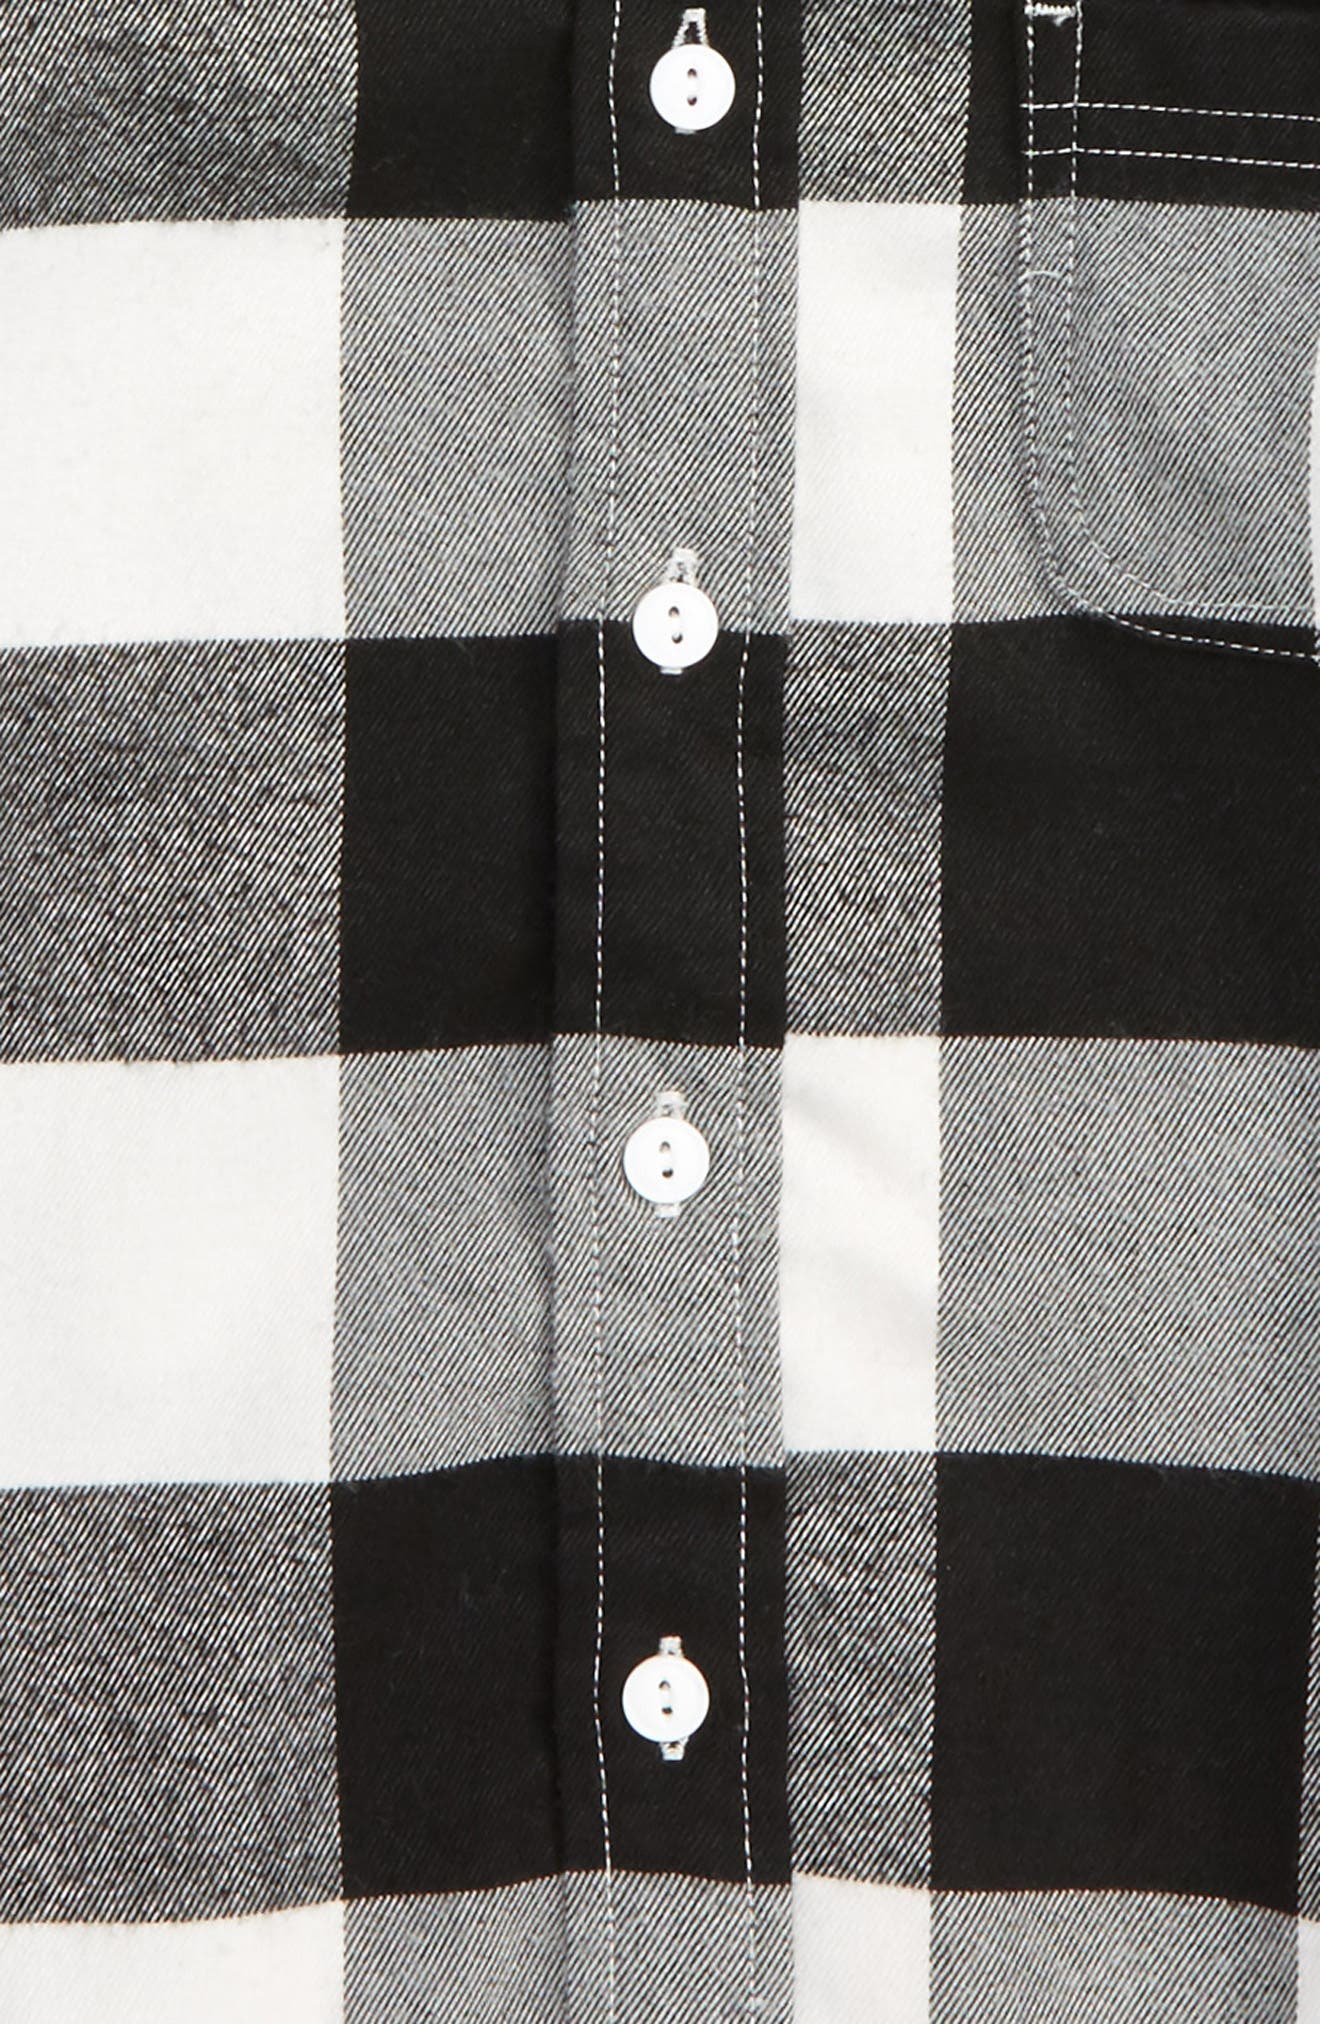 Rylan Check Hooded Shirt,                             Alternate thumbnail 2, color,                             Black/ White